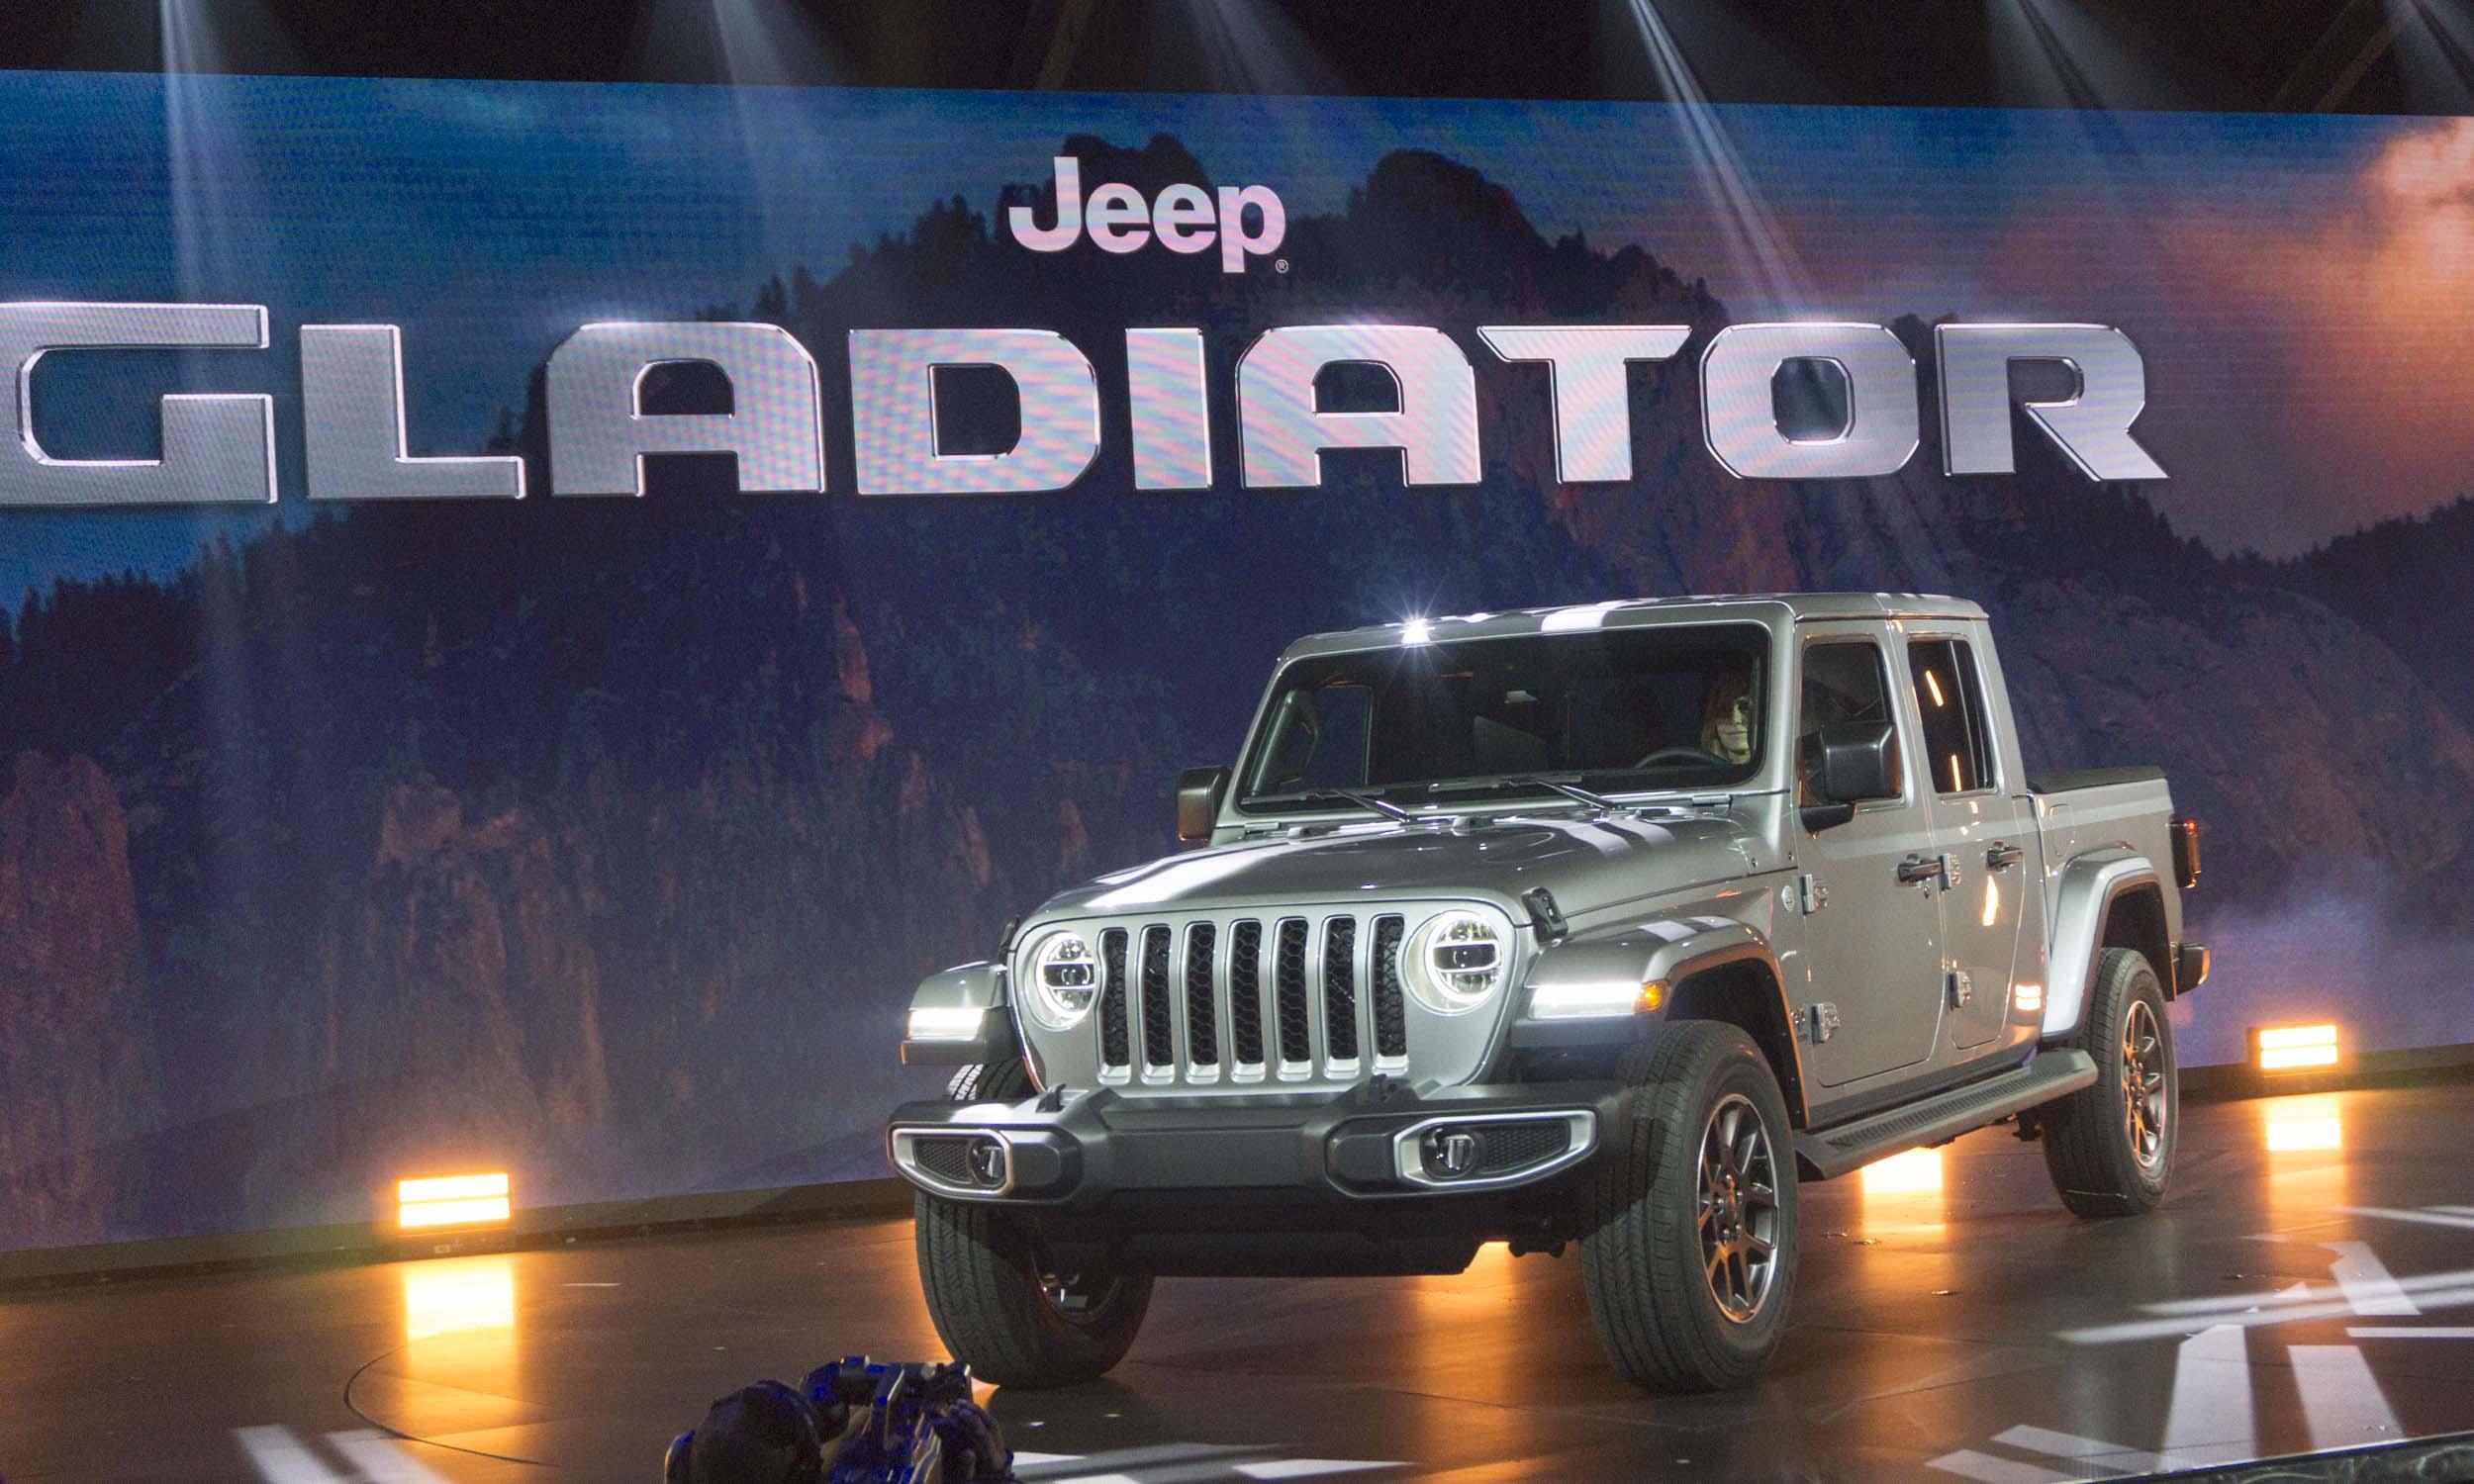 2018 L.A. Auto Show: 2020 Jeep Gladiator